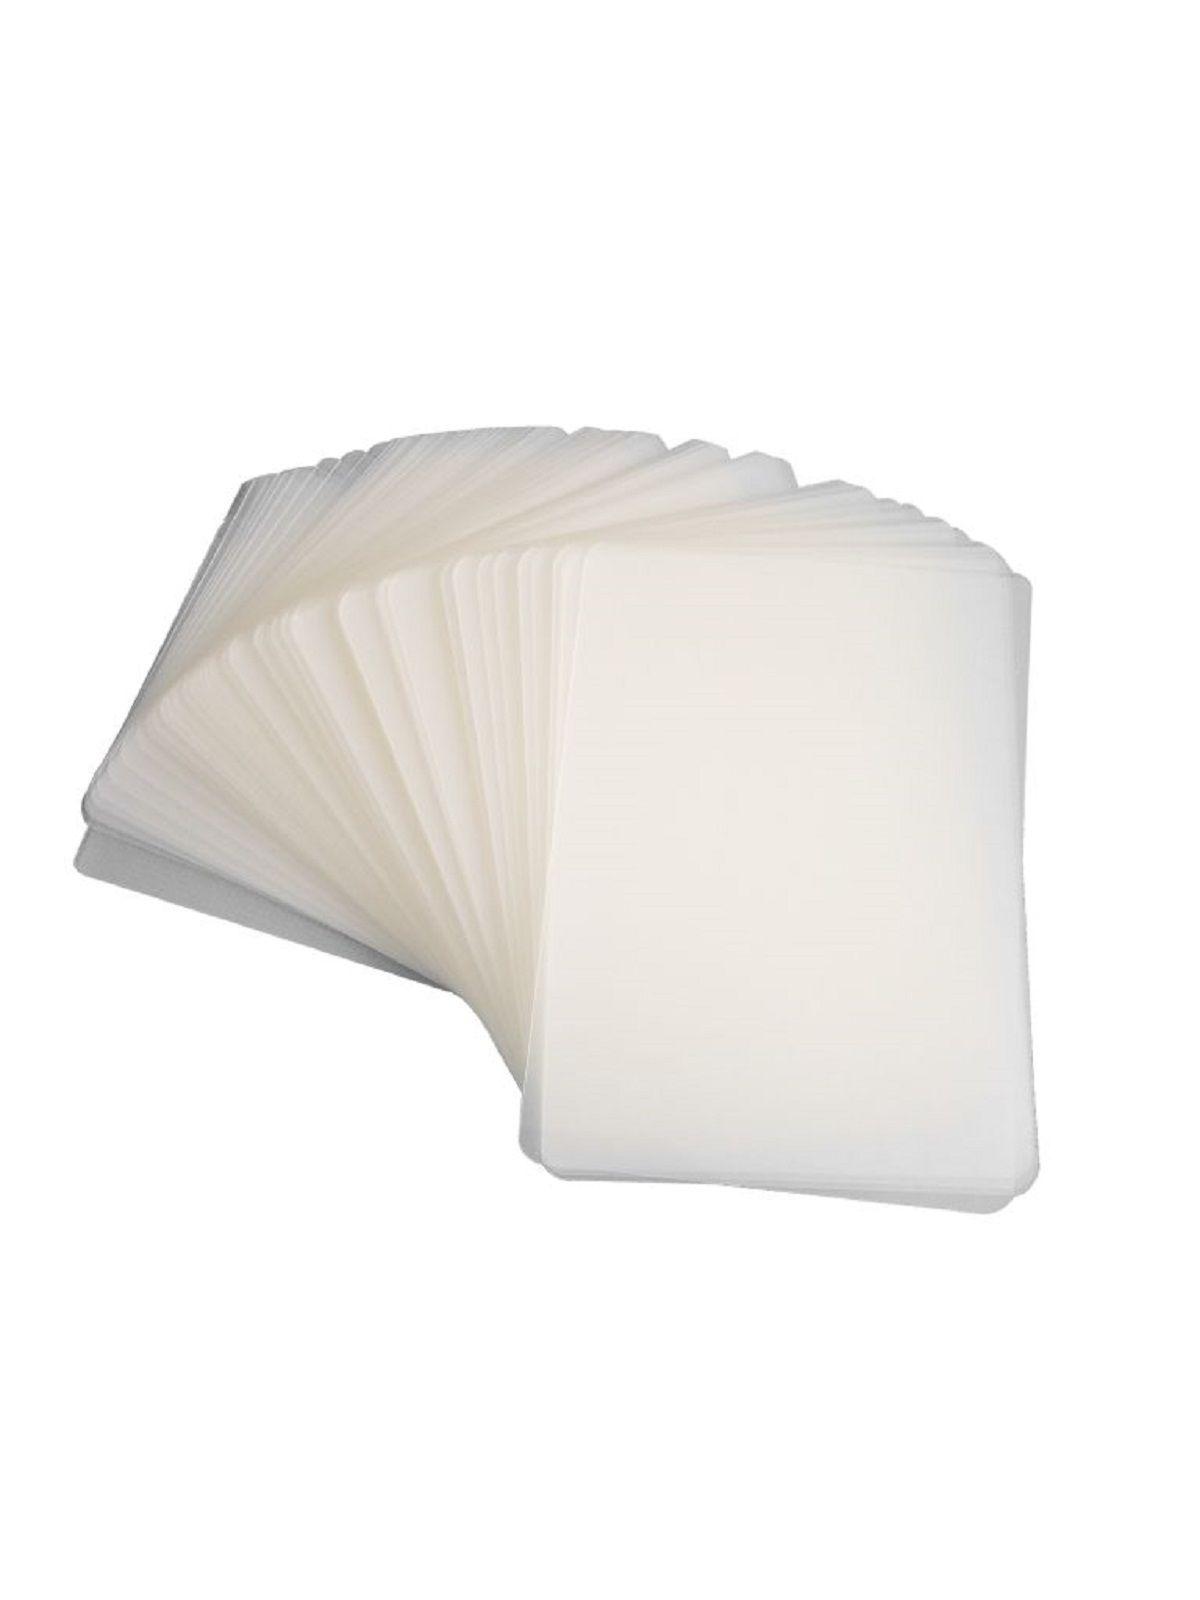 Kit 1000 Plásticos Polaseal para Plastificação CGC 110x170x0,07mm (175 micras)  - Click Suprimentos